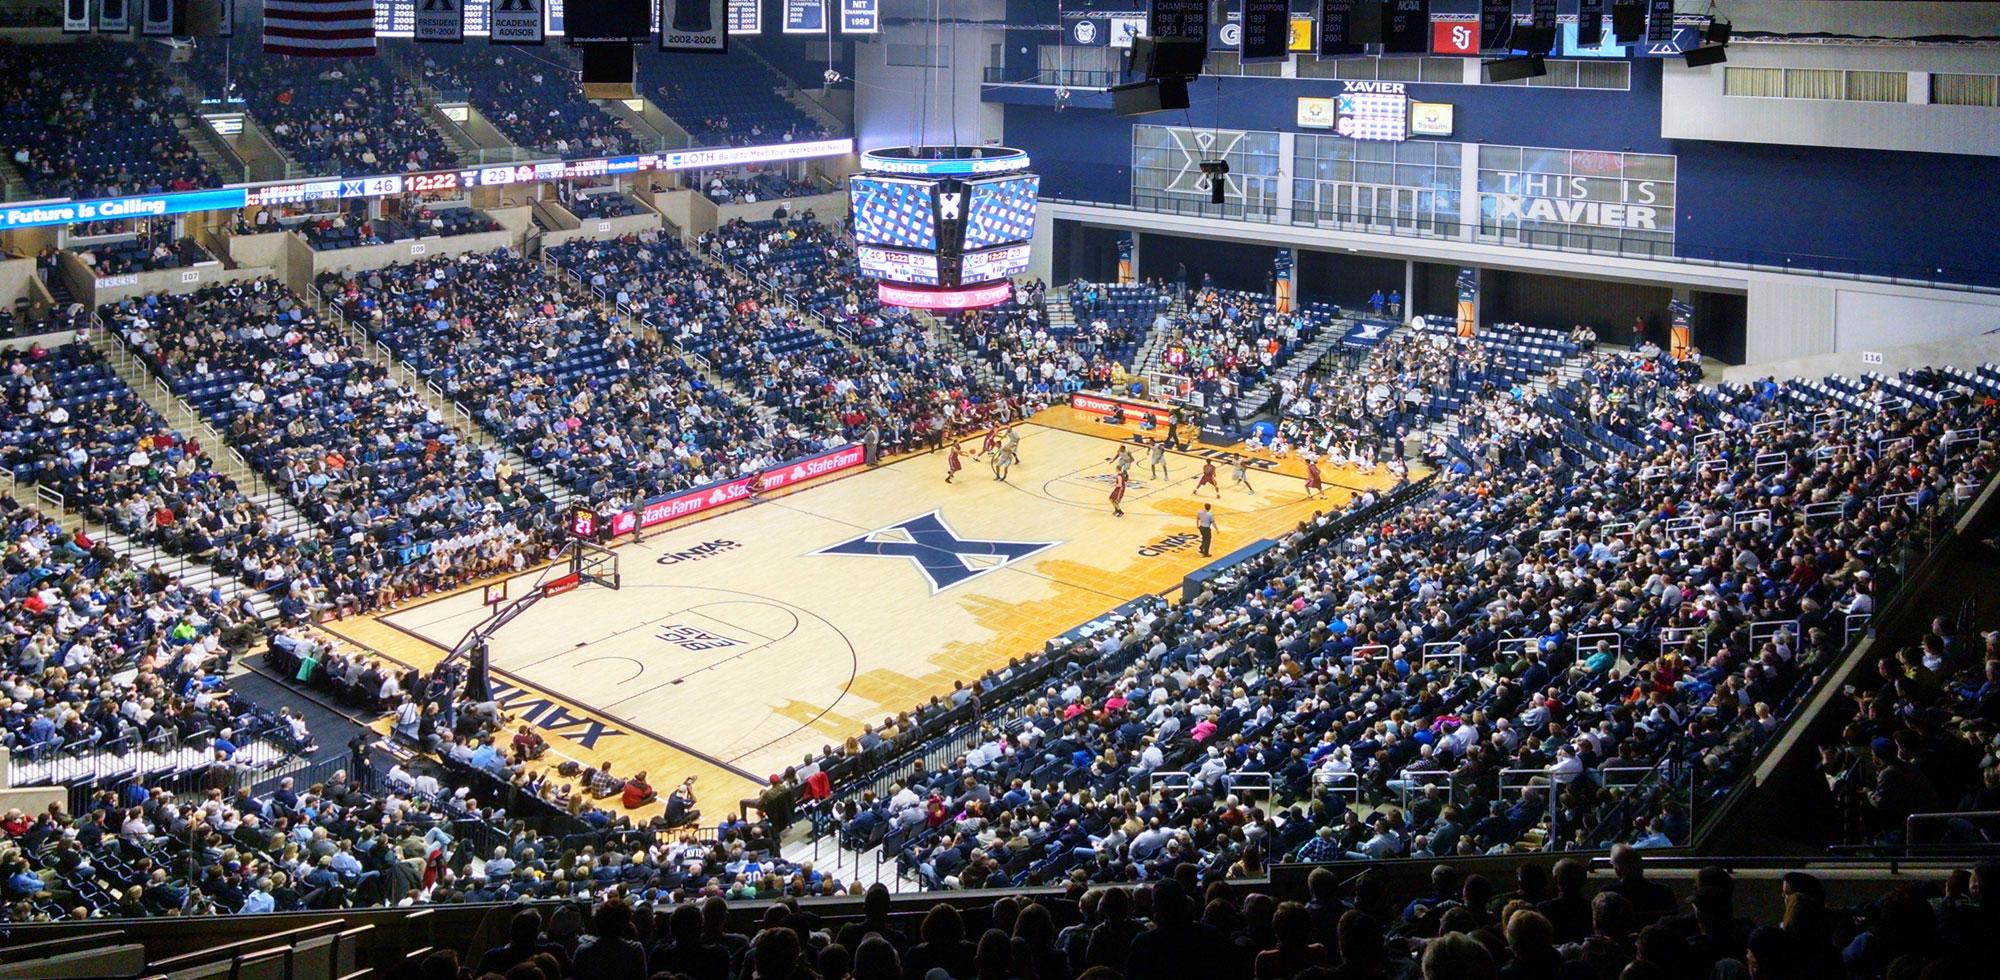 Cintas CenterXavier University Cincinnati